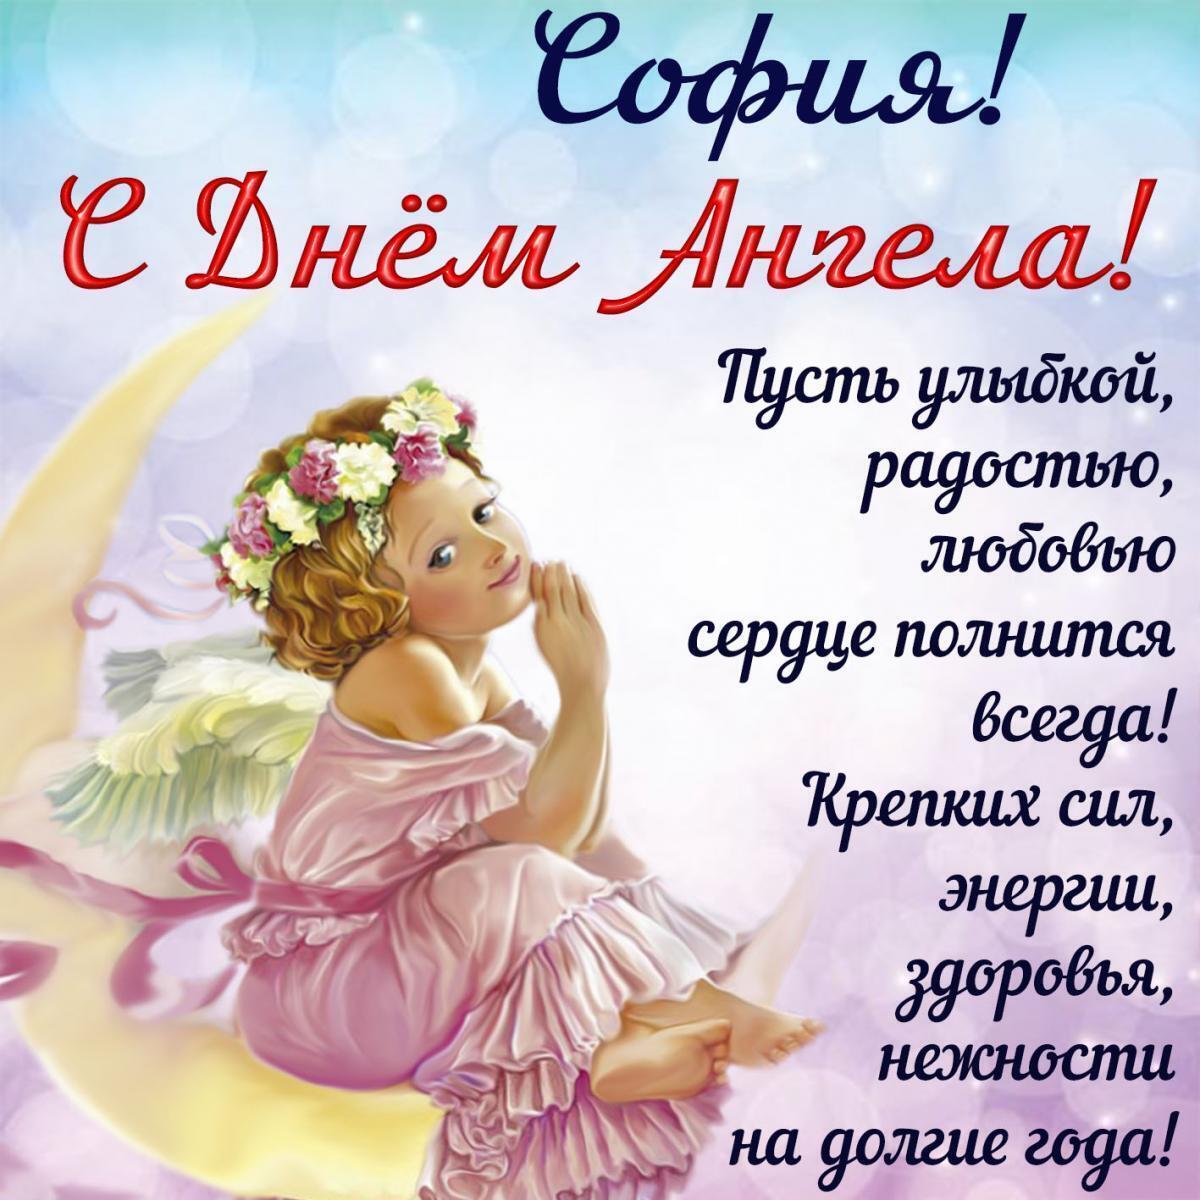 Листівка в день ангела Софії